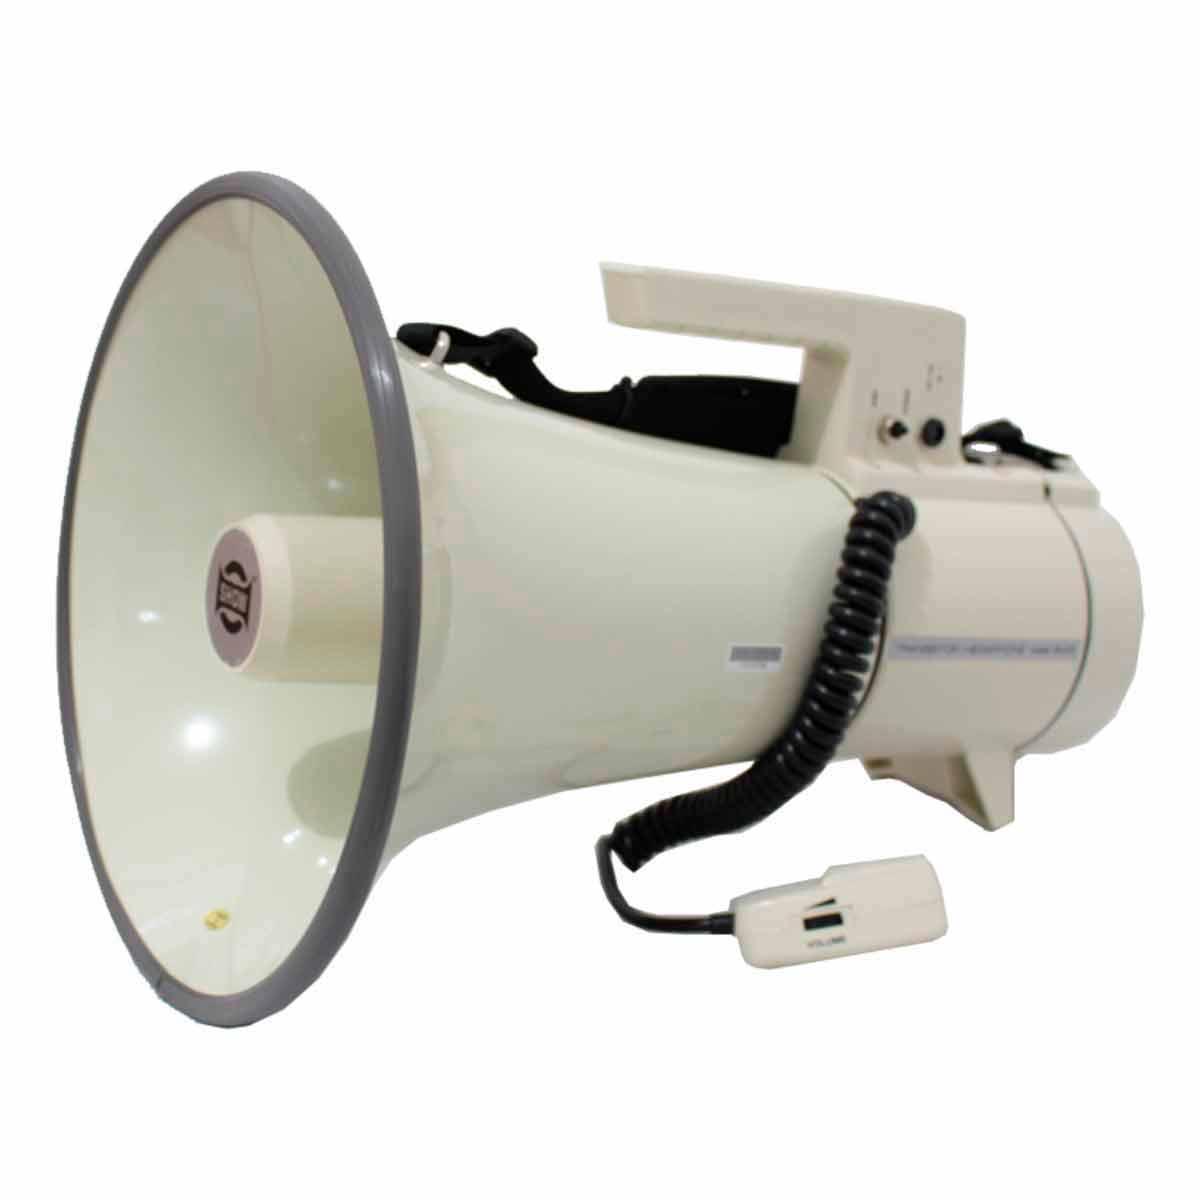 ER67 - Megafone 35W c/ Microfone de Mão e Sirene ER 67 - CSR